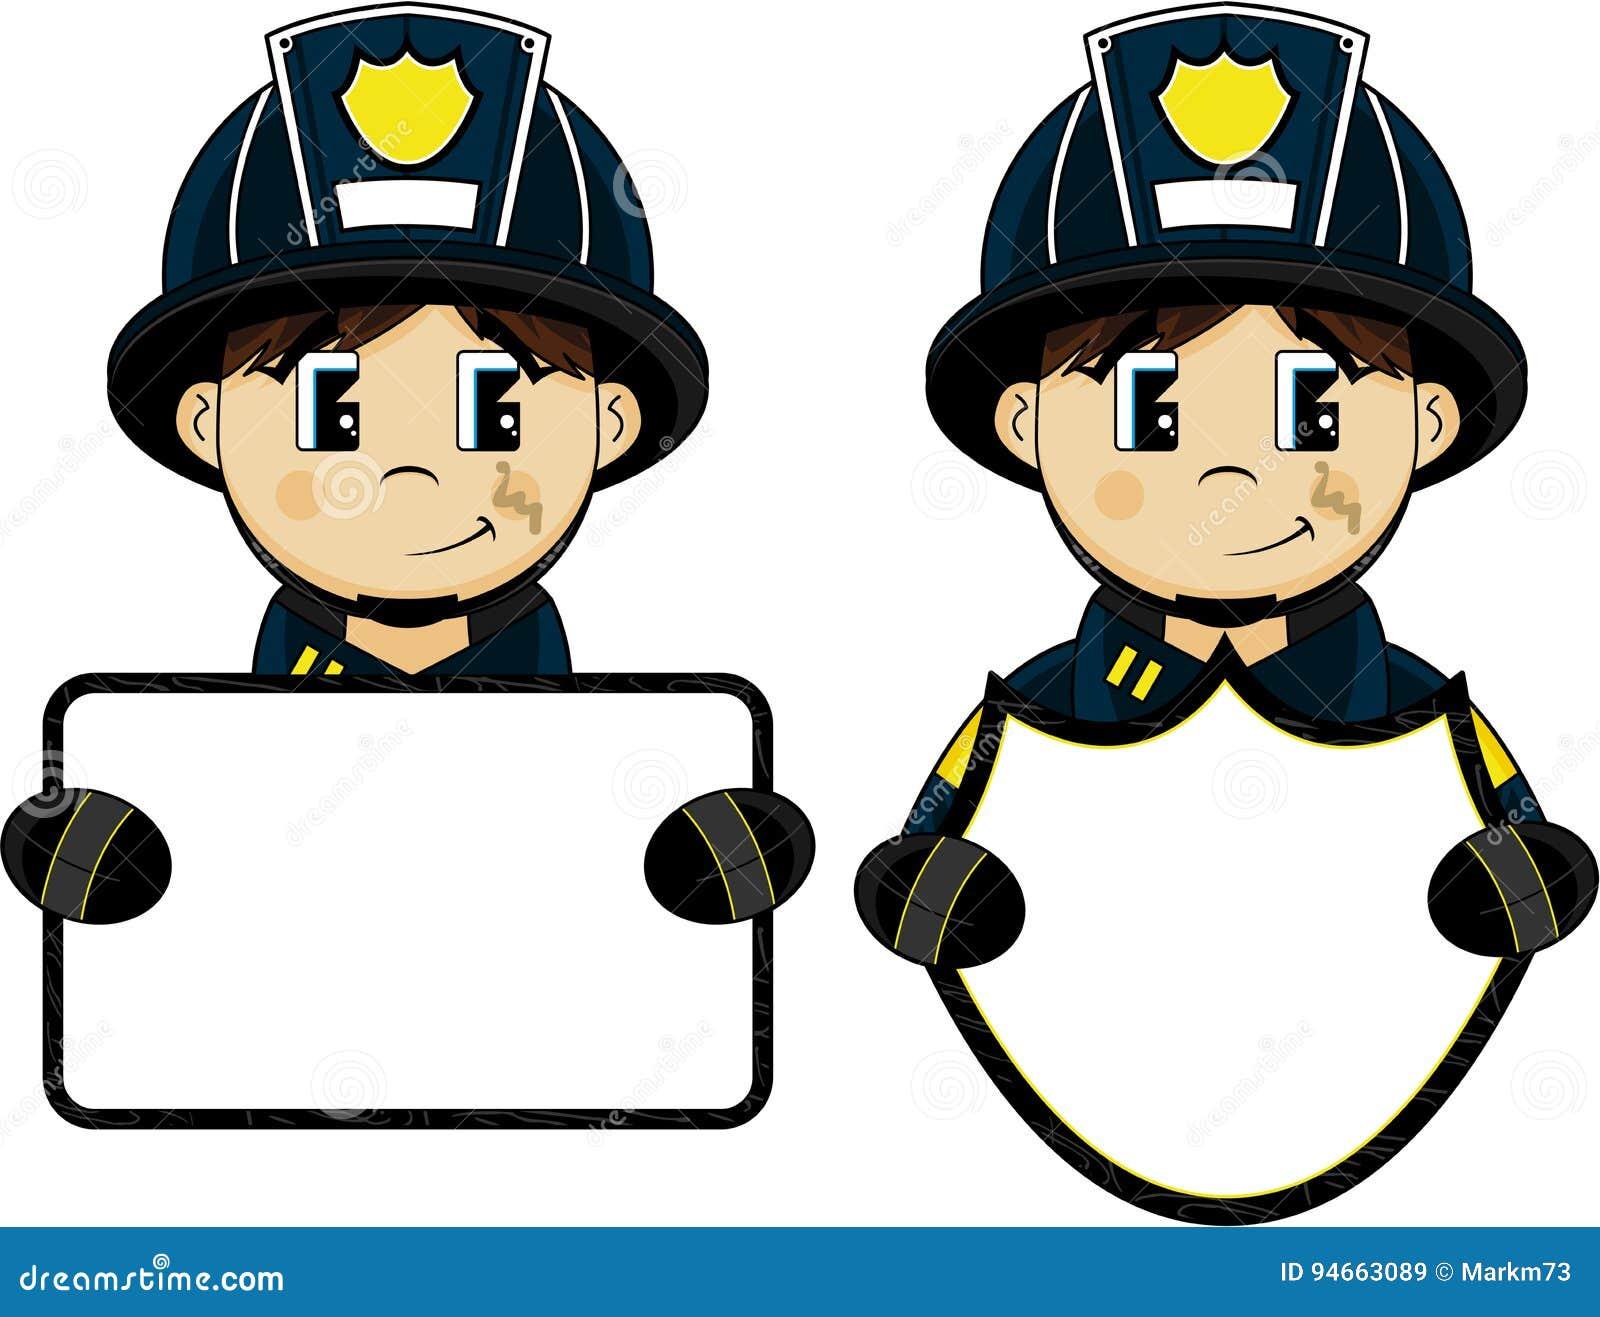 Χαριτωμένος πυροσβέστης κινούμενων σχεδίων - πυροσβέστης